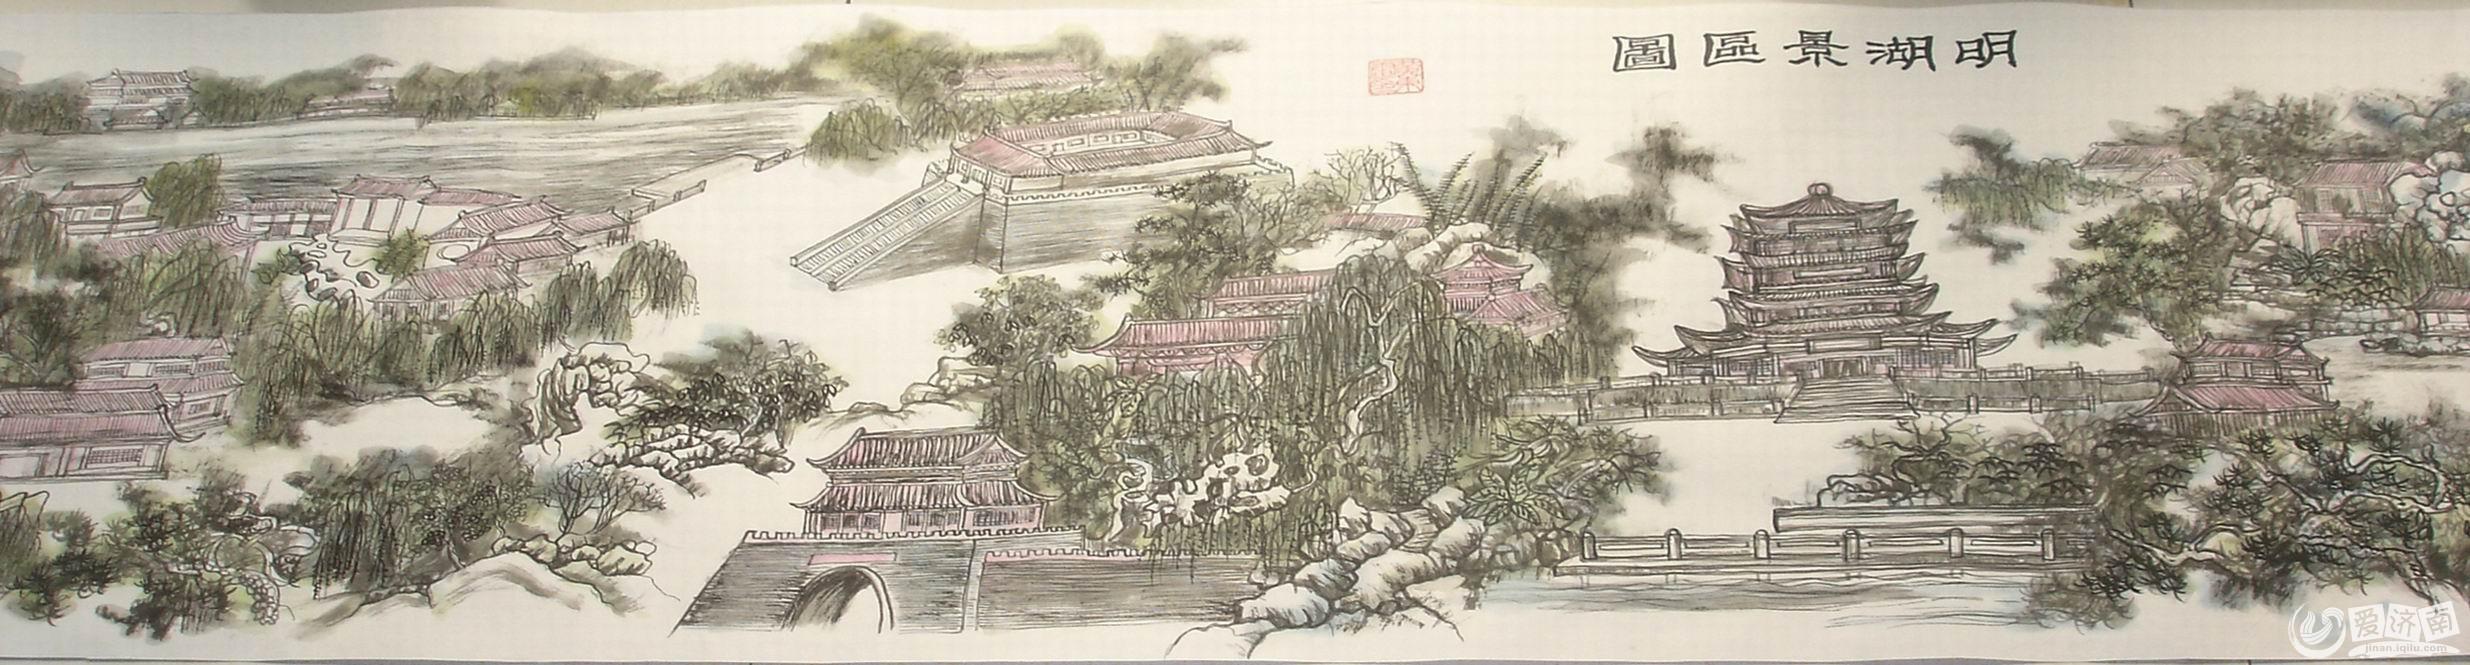 黄东雷十米中国画长卷《明湖景区图》图片